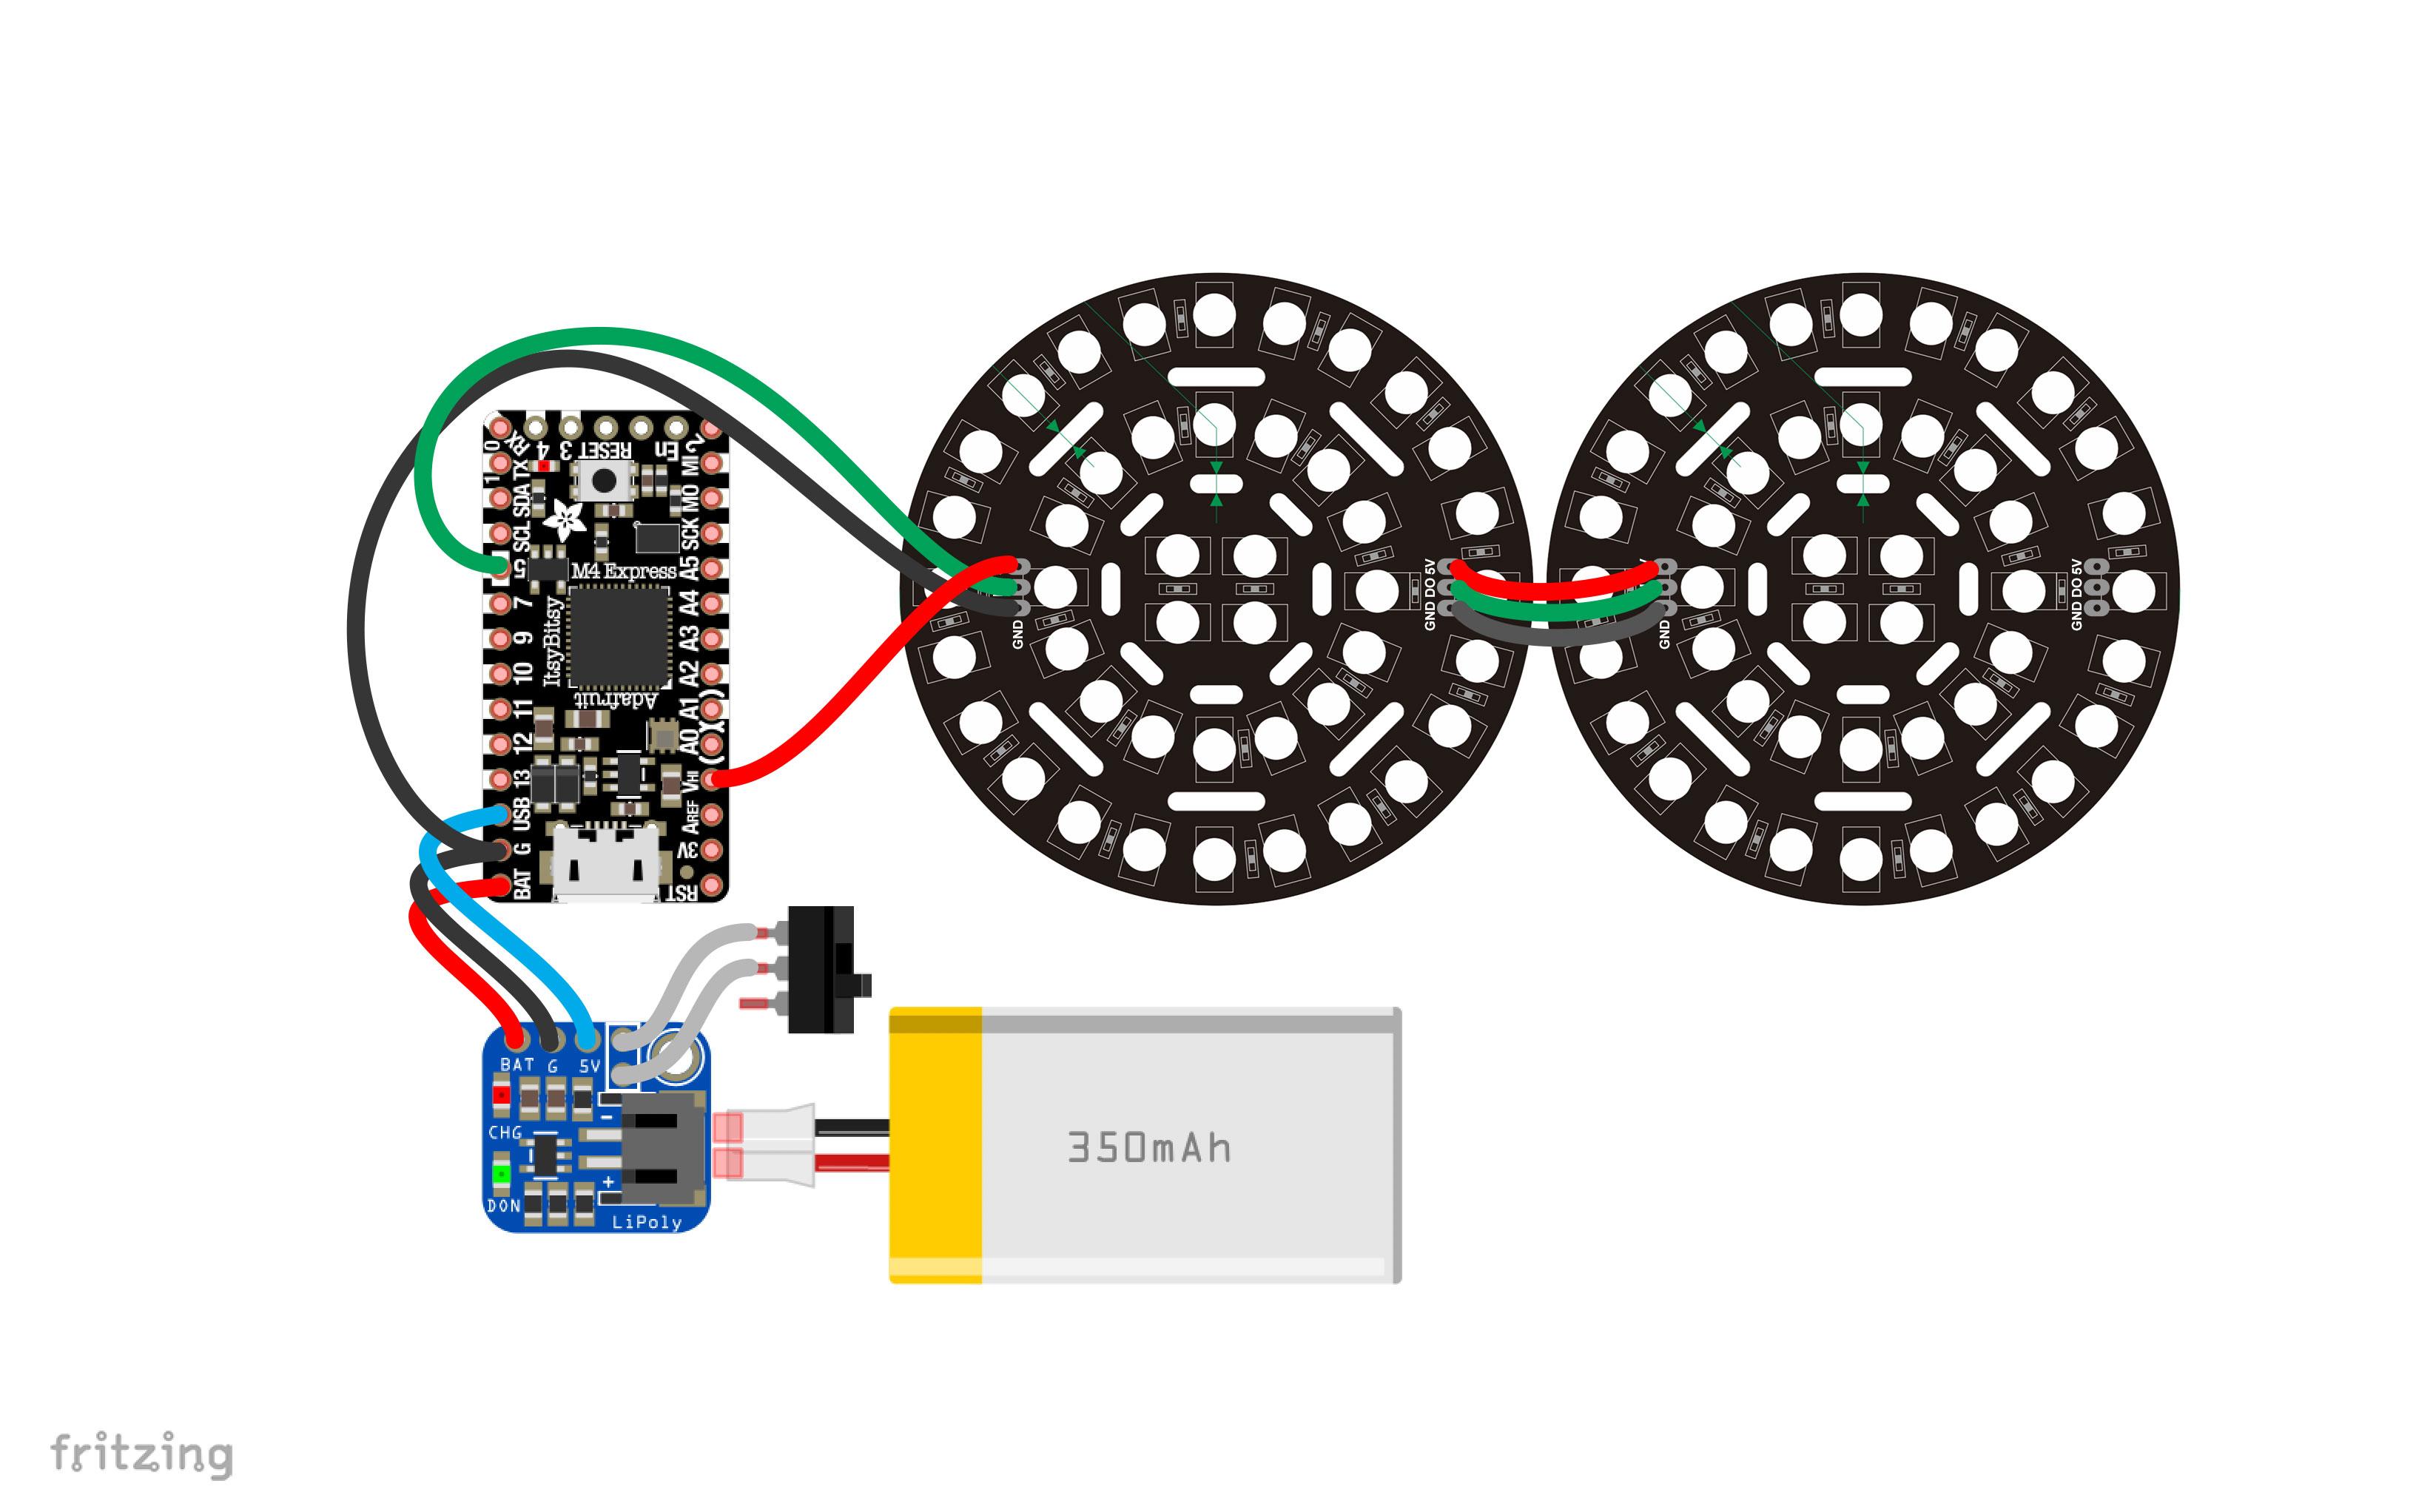 led_pixels_circuit-diagram.jpg